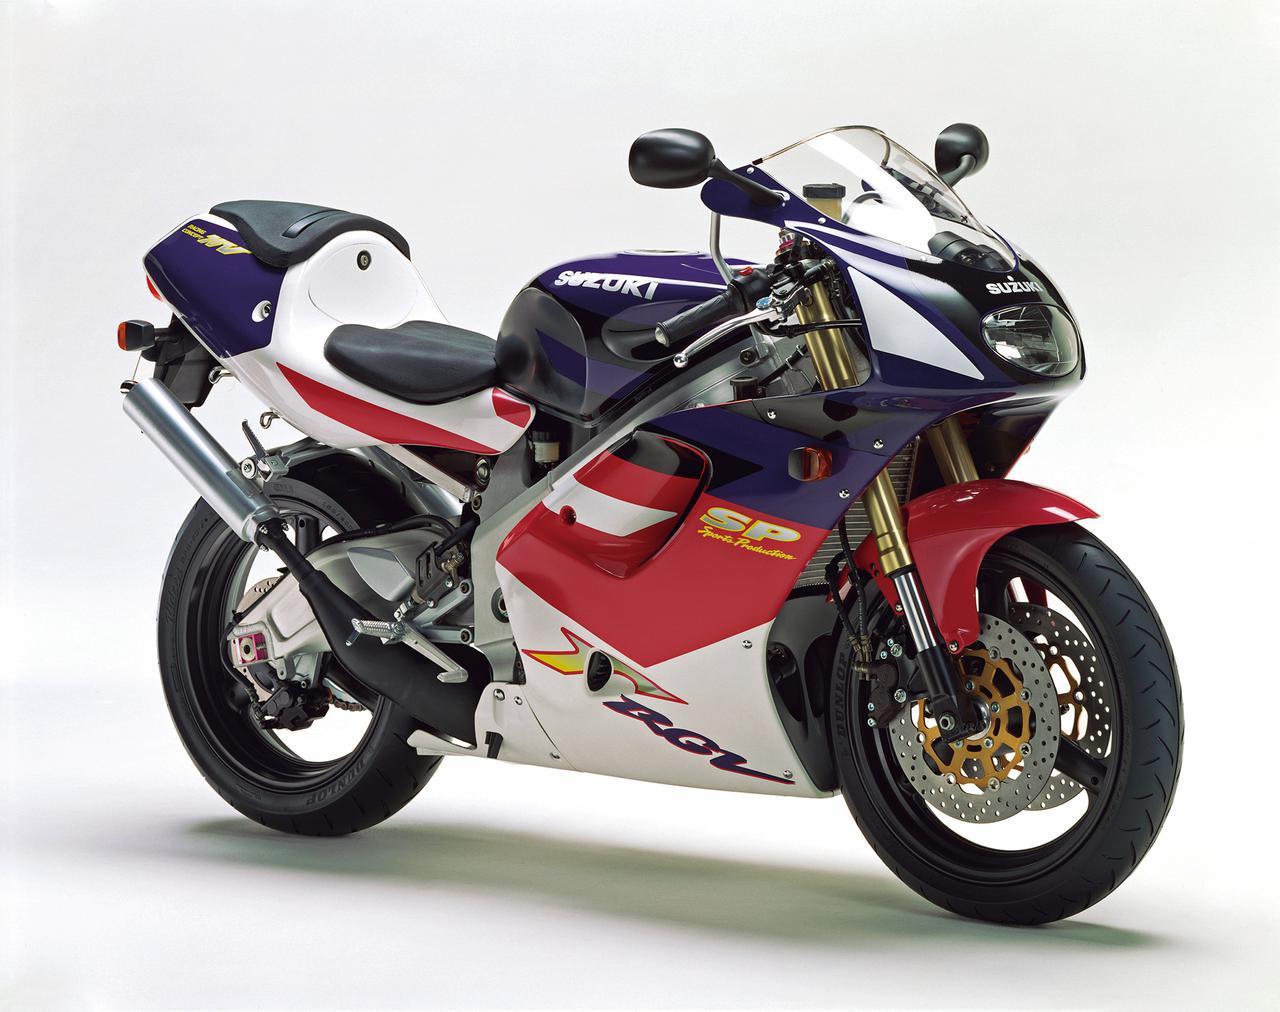 画像: 車名はRGV-Г250SPに変わり、型式/機種記号はVJ23A/RGV250Tに。1996年2月29日発売で、価格は77万7000円+消費税3%とされ、このスぺシャルホワイトNo.2×ピスカリアマゼンタとスぺシャルホワイトNo.2×ムーンシャドウブルーから選べた。SPのワングレードで、乾式クラッチやカセット式ミッション、フルアジャスタブルの前後ショックを標準装備した。